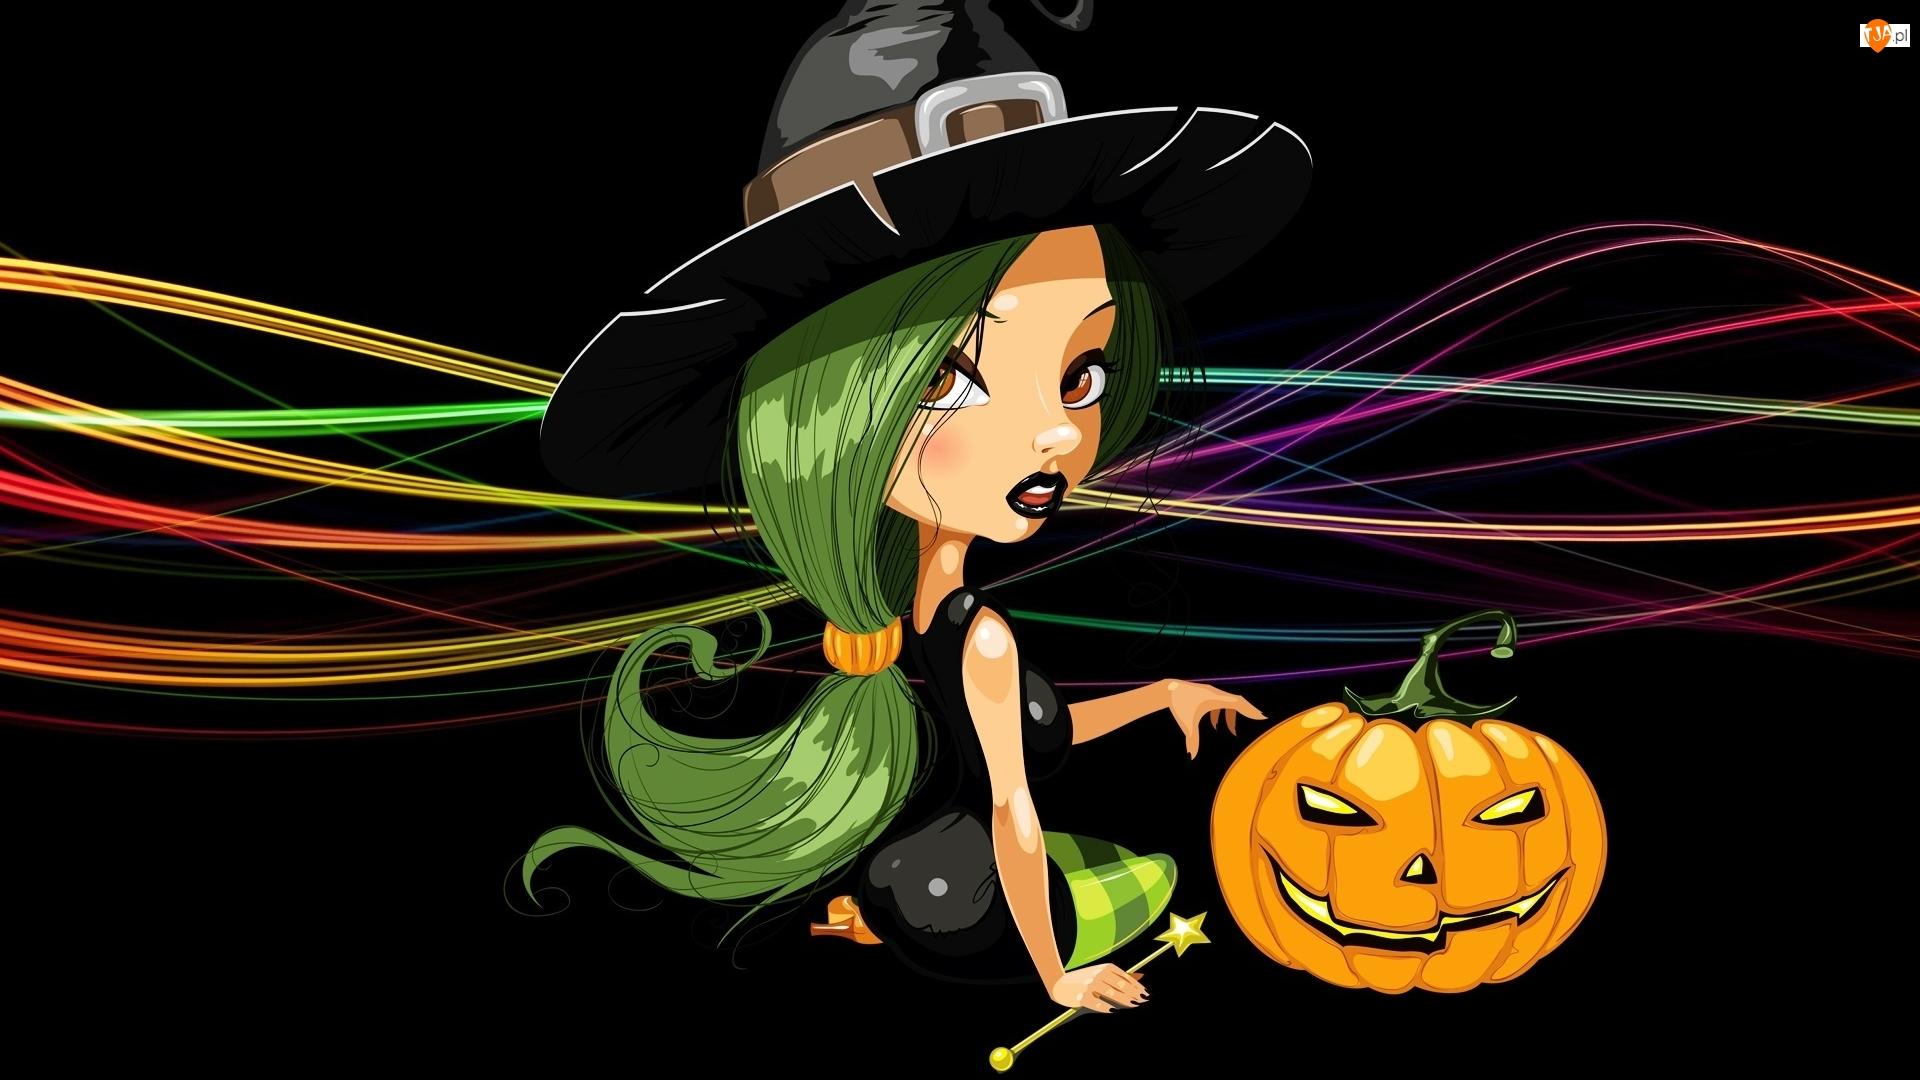 Czarne tło, Grafika 2D, Dynia, Czarownica, Halloween